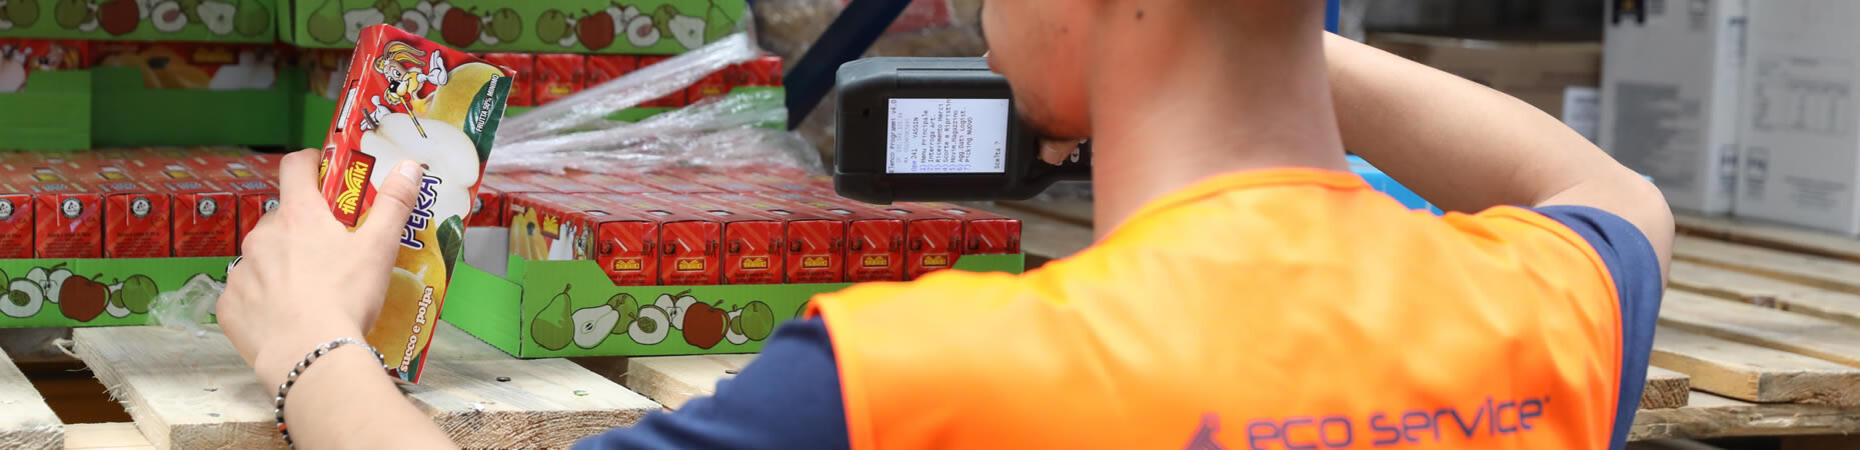 ecoservice-modena it logistica-settore-beverage-modena 005